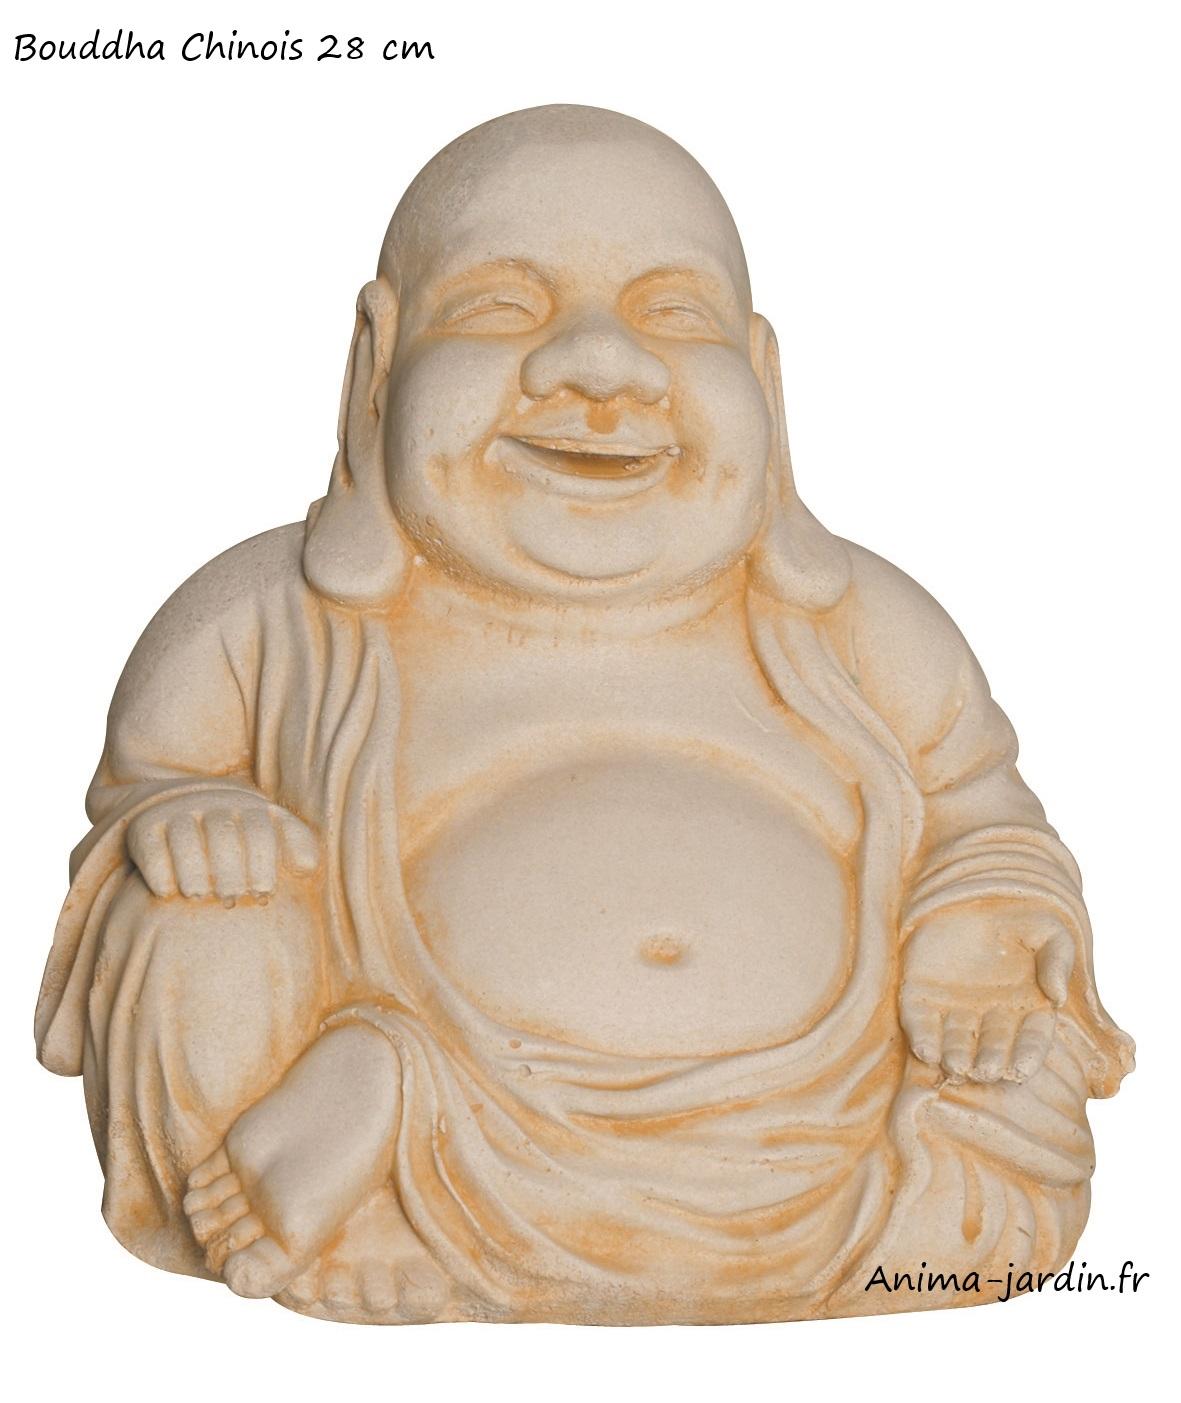 Bouddha-chinois-28cm